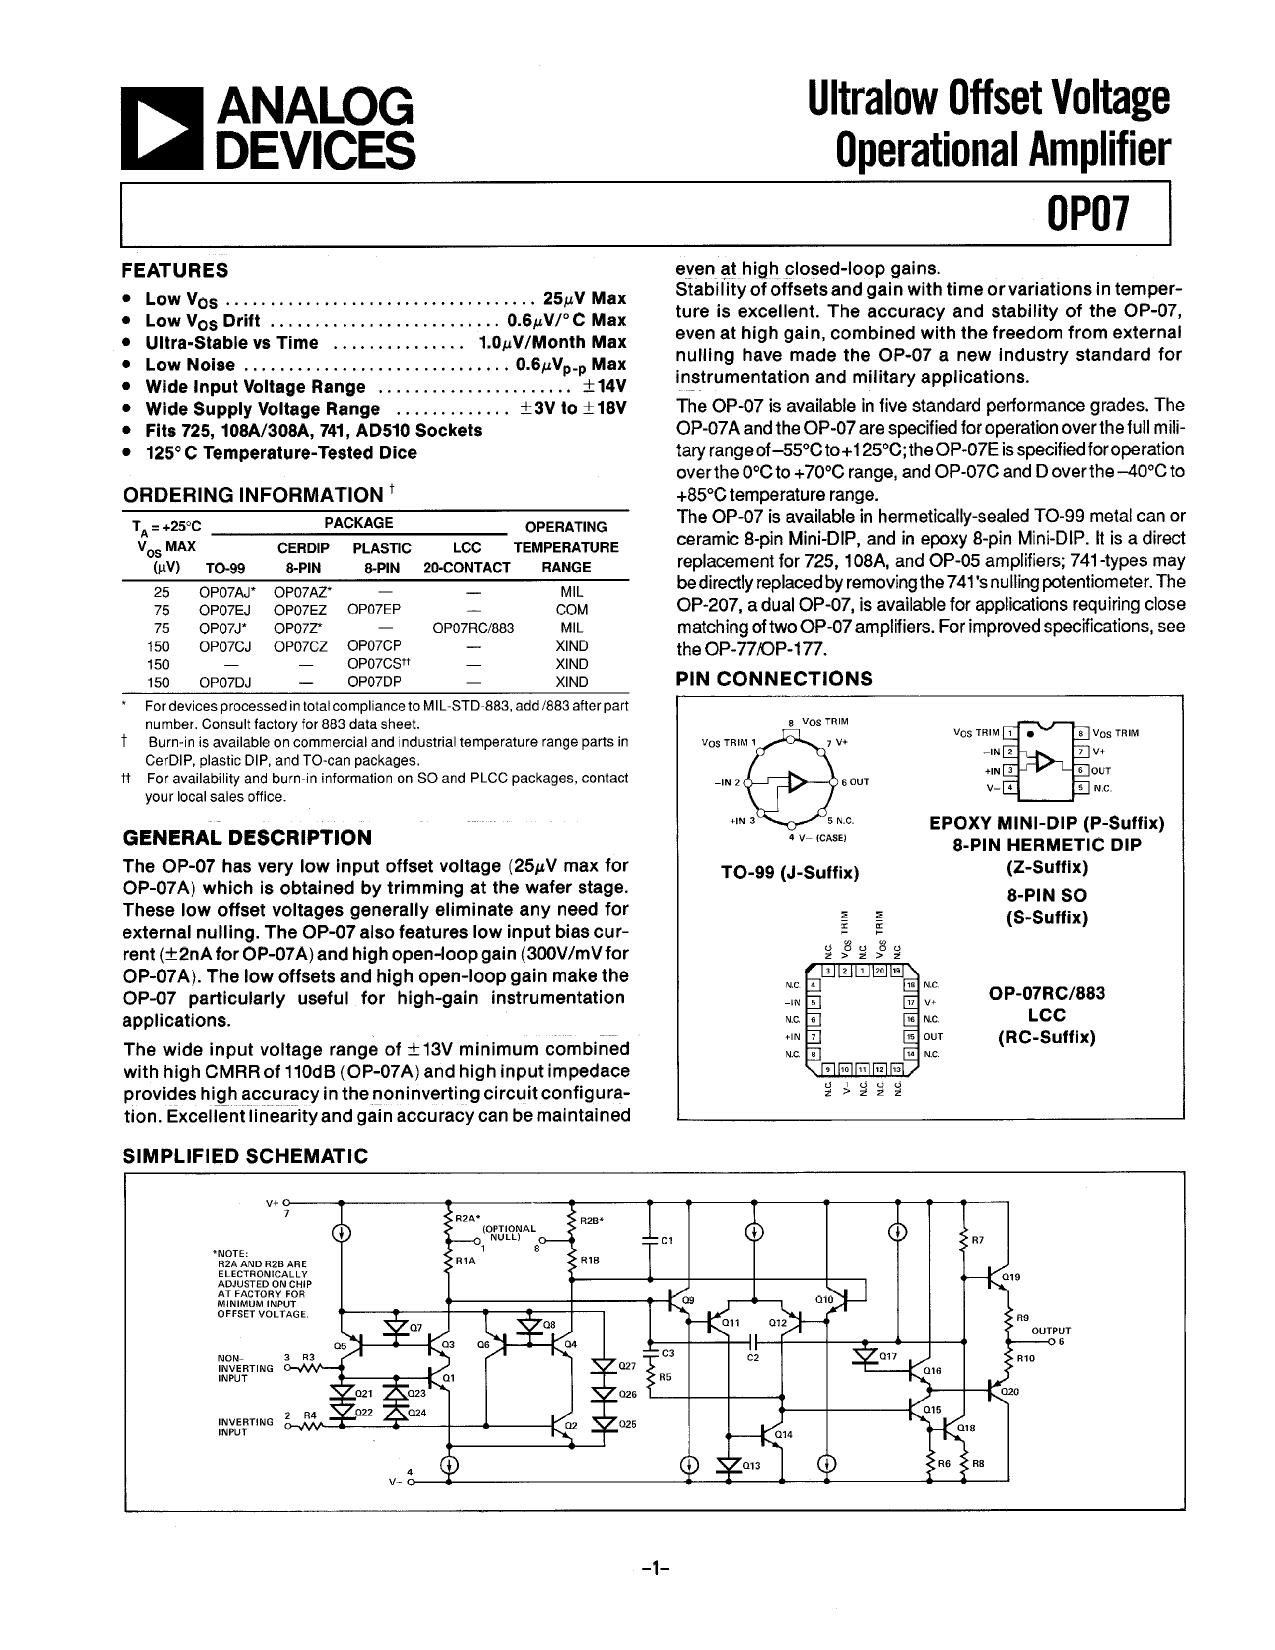 op07 datasheet pdf   pinout